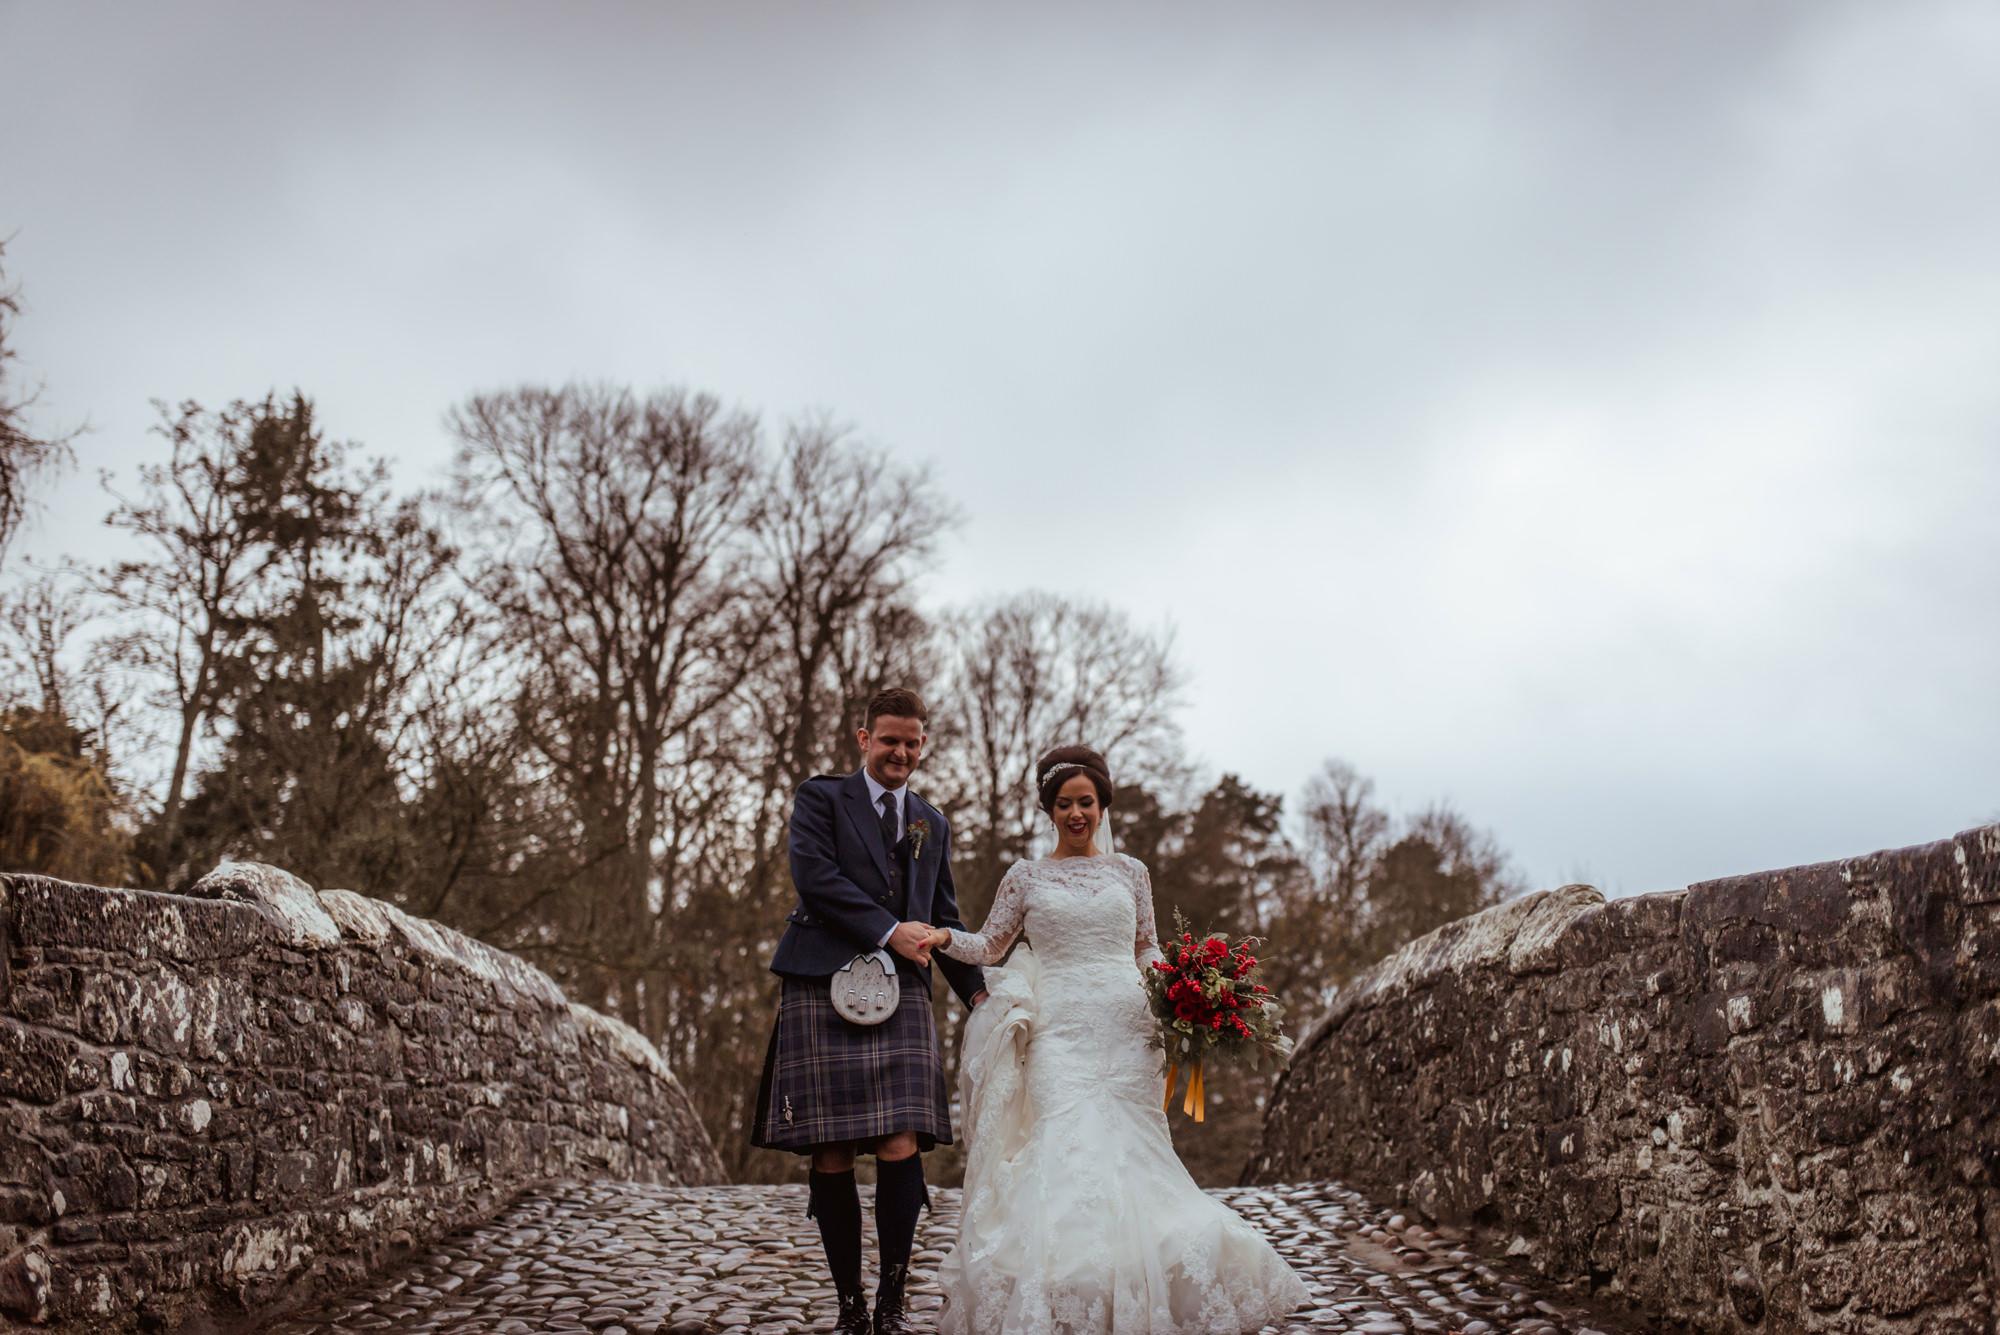 brig-o-doon-wedding-photography-(9).jpg